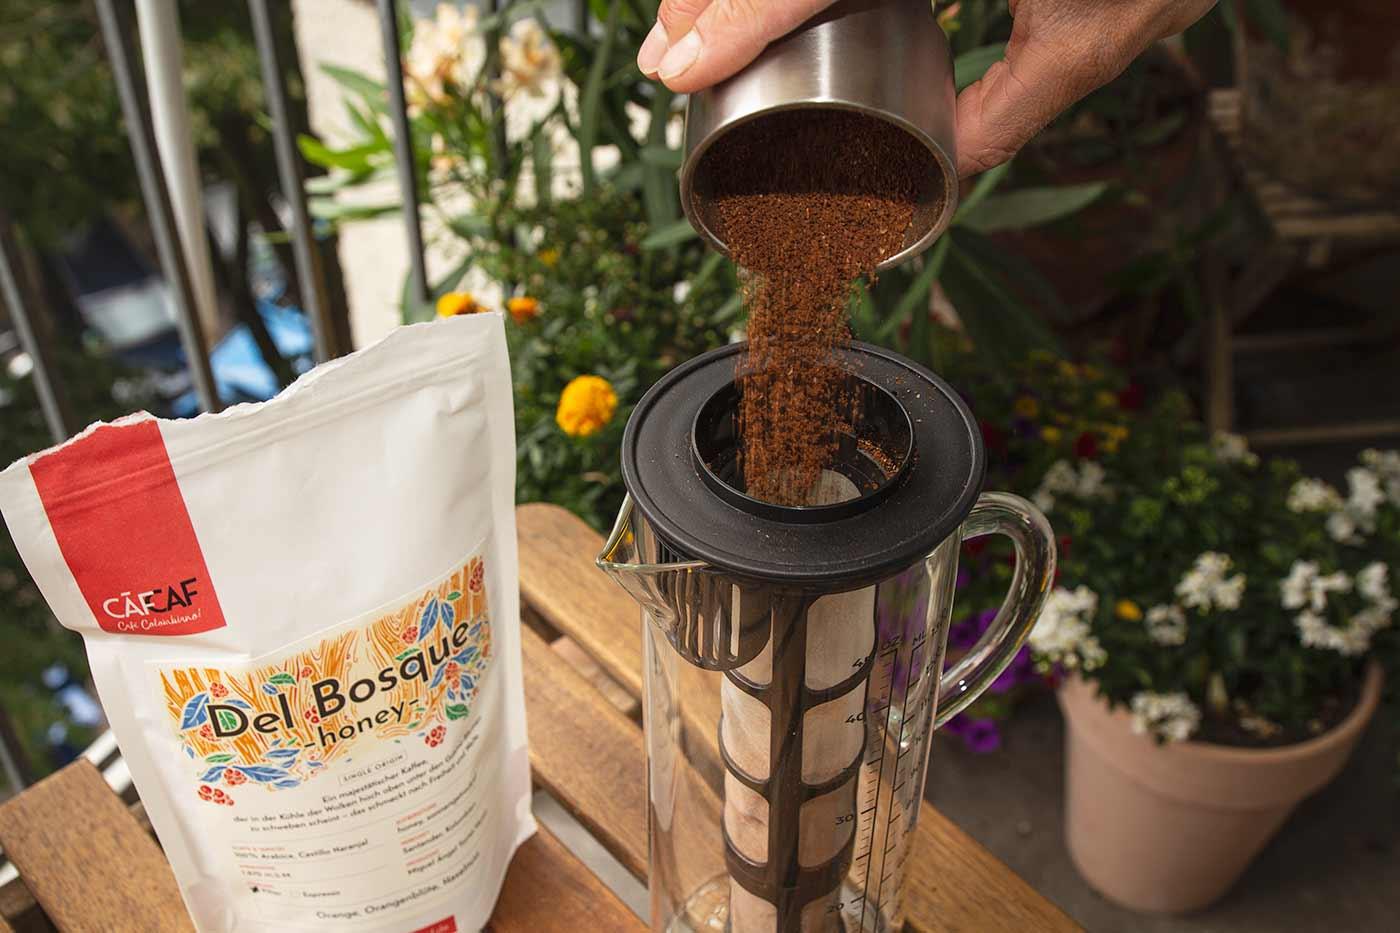 CafCaf Cold Brew Zubereitung: Schritt 1 Kaffeemehl in den Zubereiter einfügen